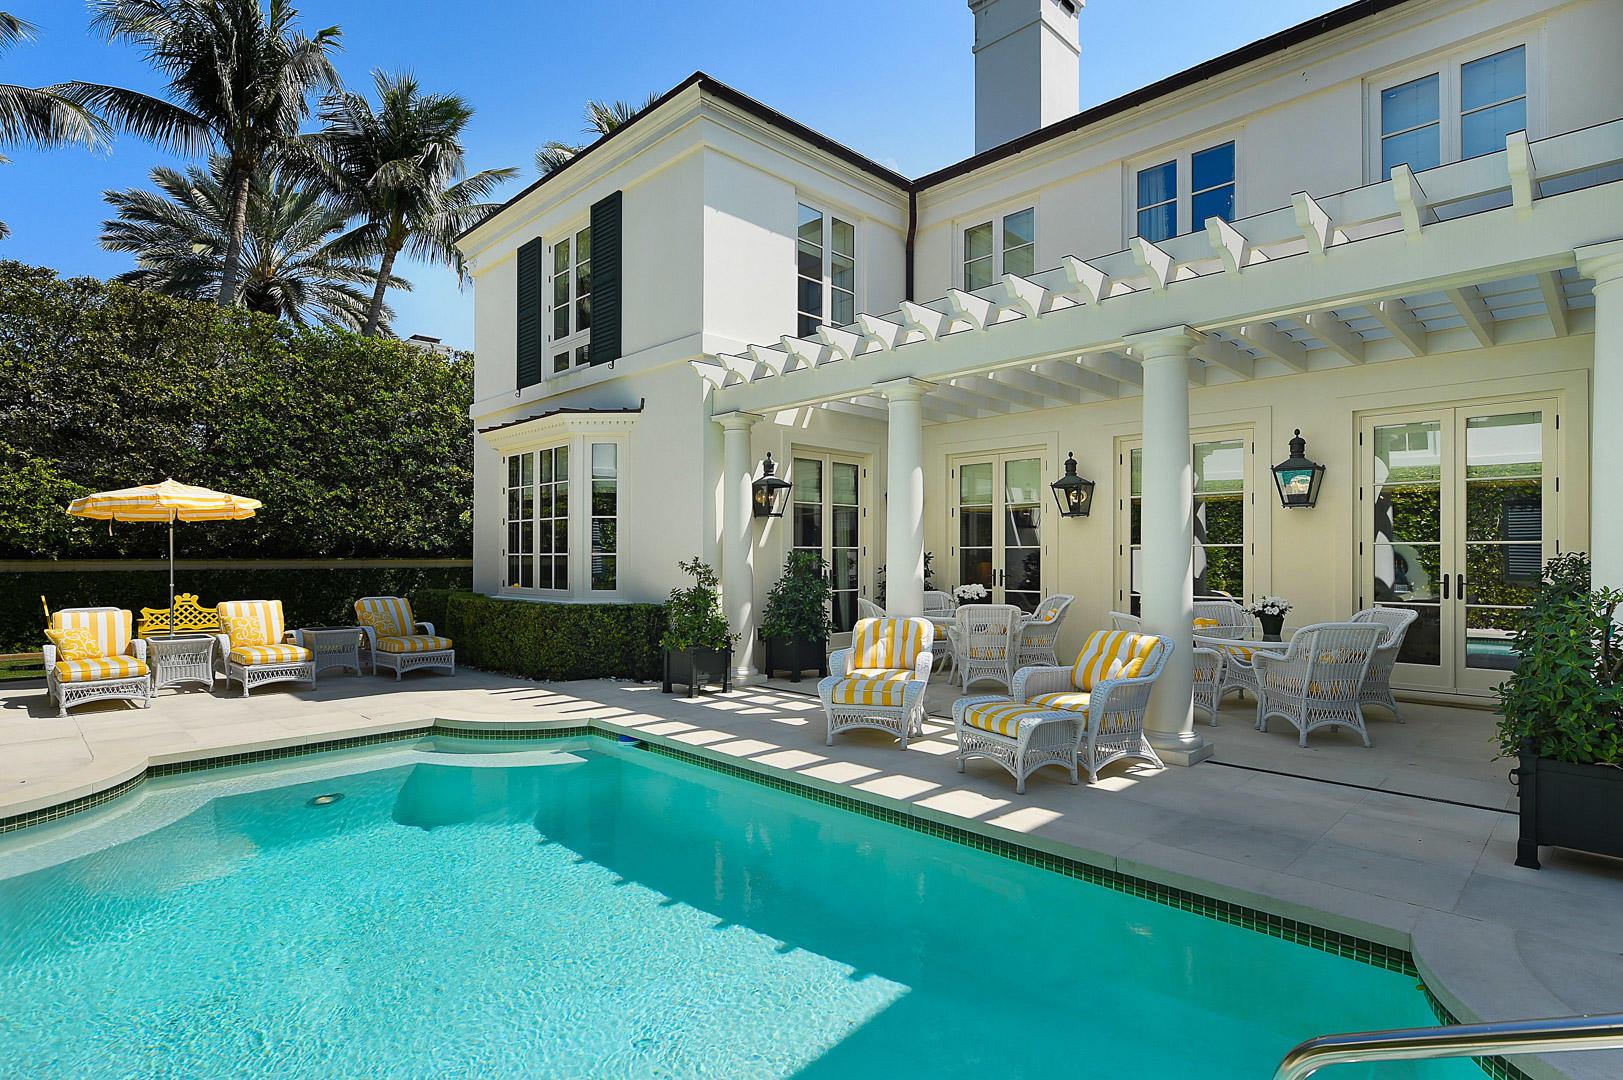 Photo of 221 El Vedado Road, Palm Beach, FL 33480